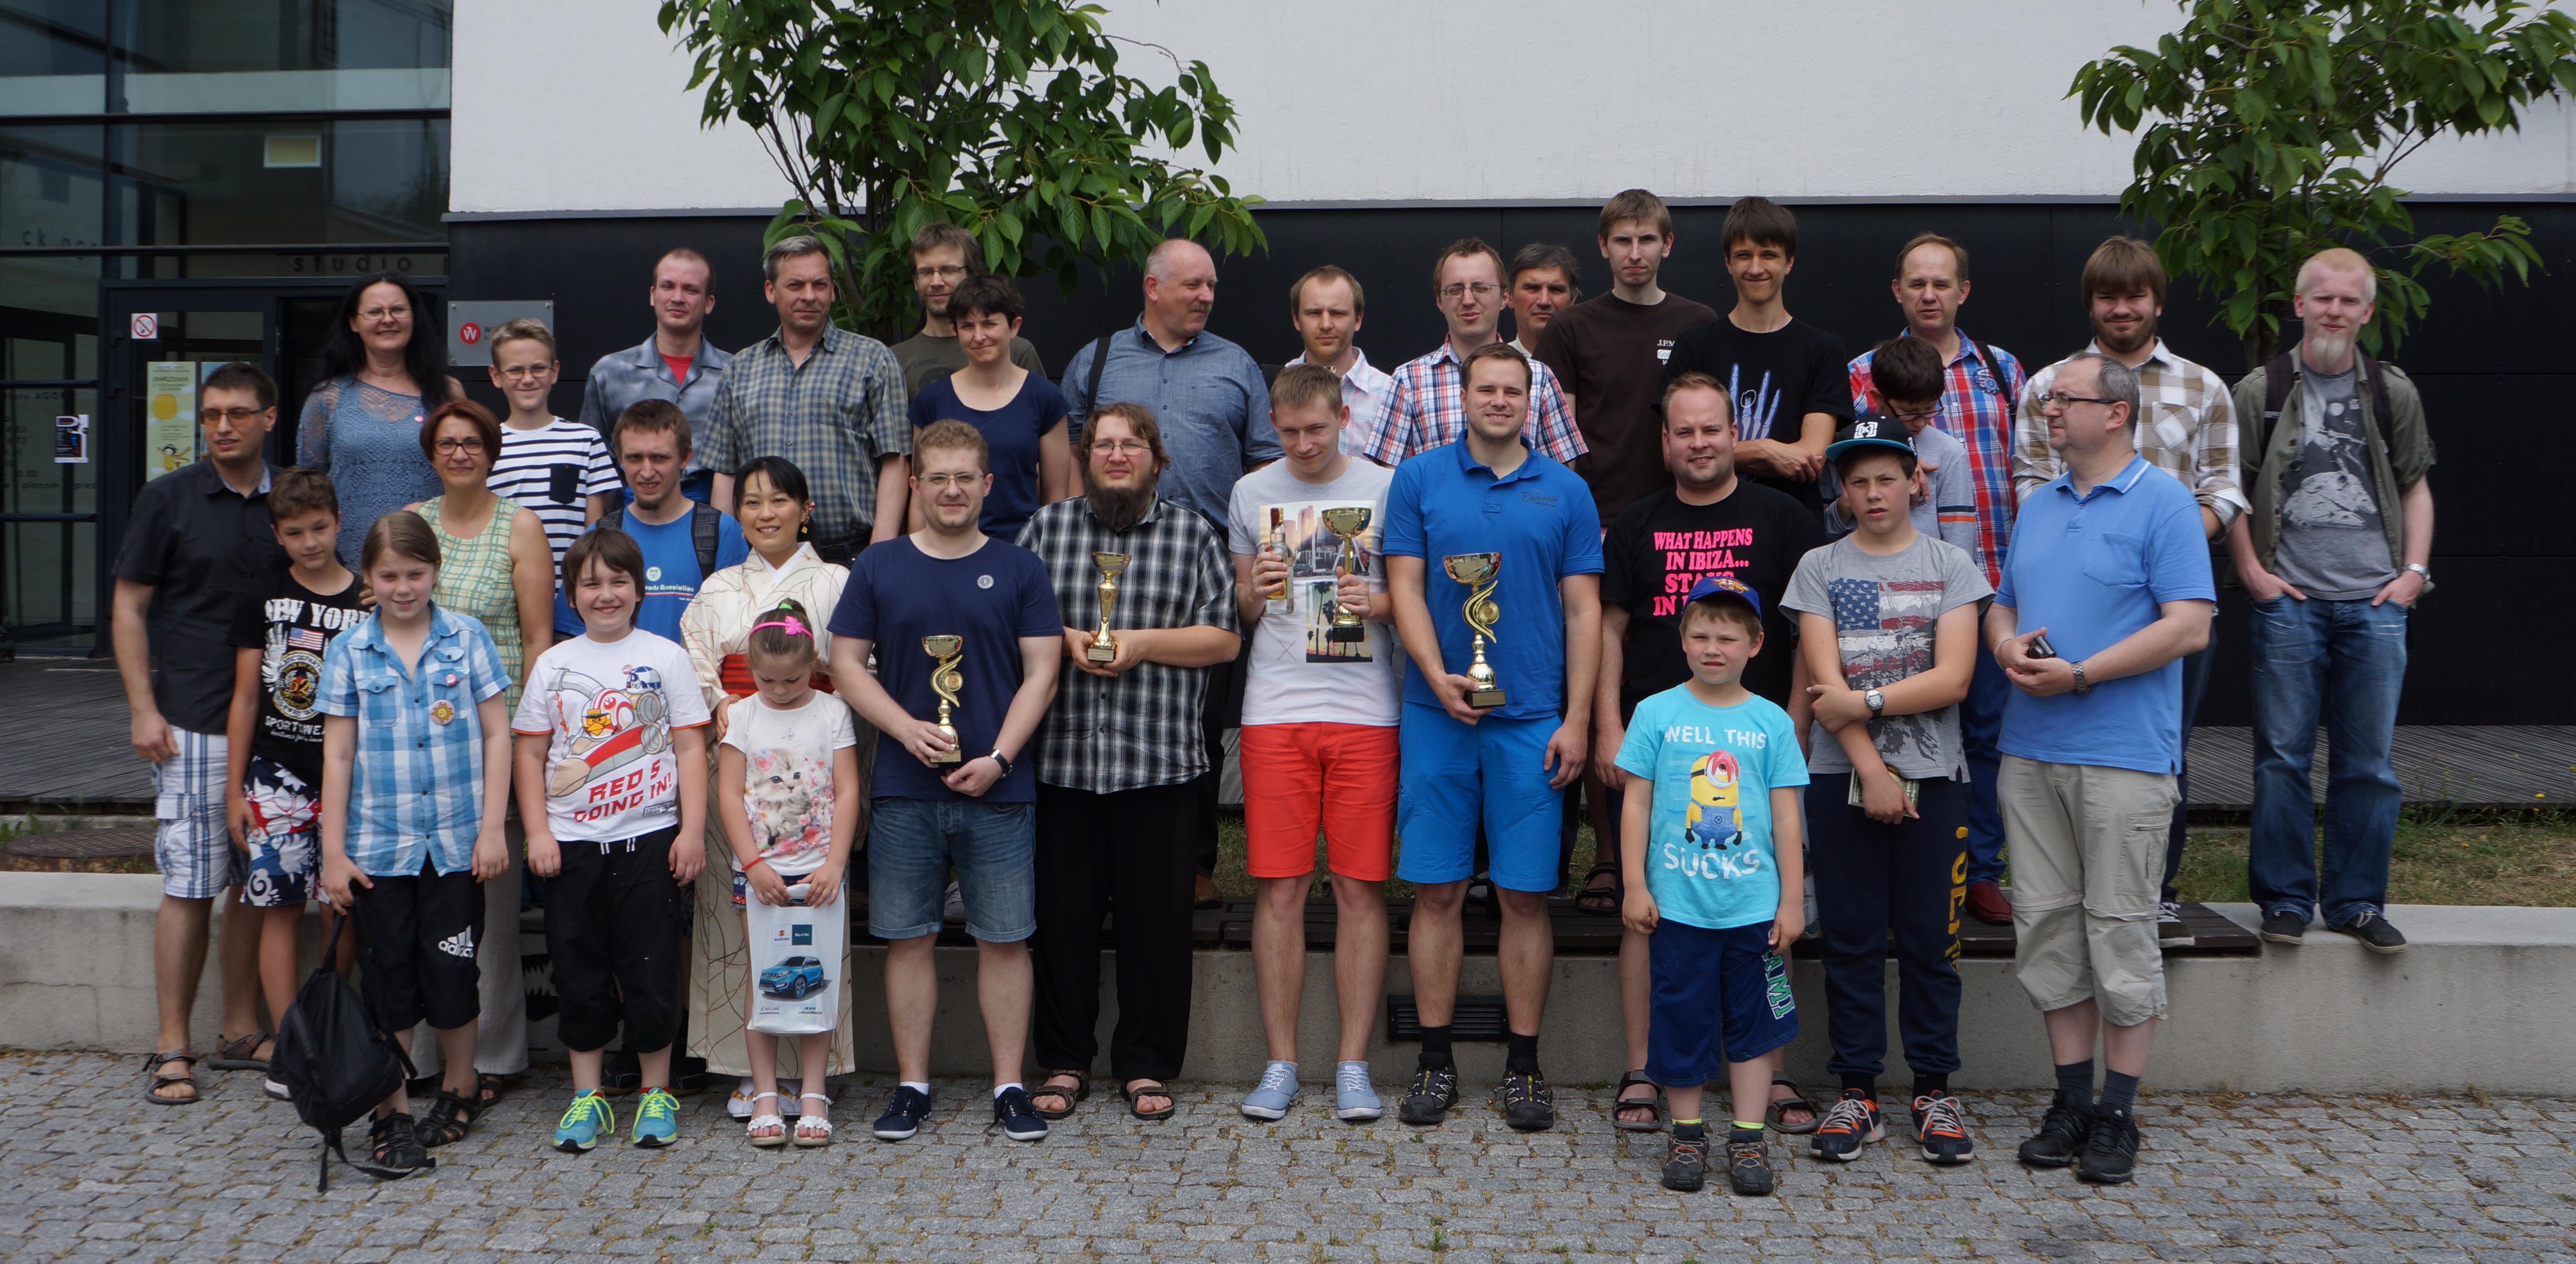 ポーランド将棋大会の参加者で記念撮影